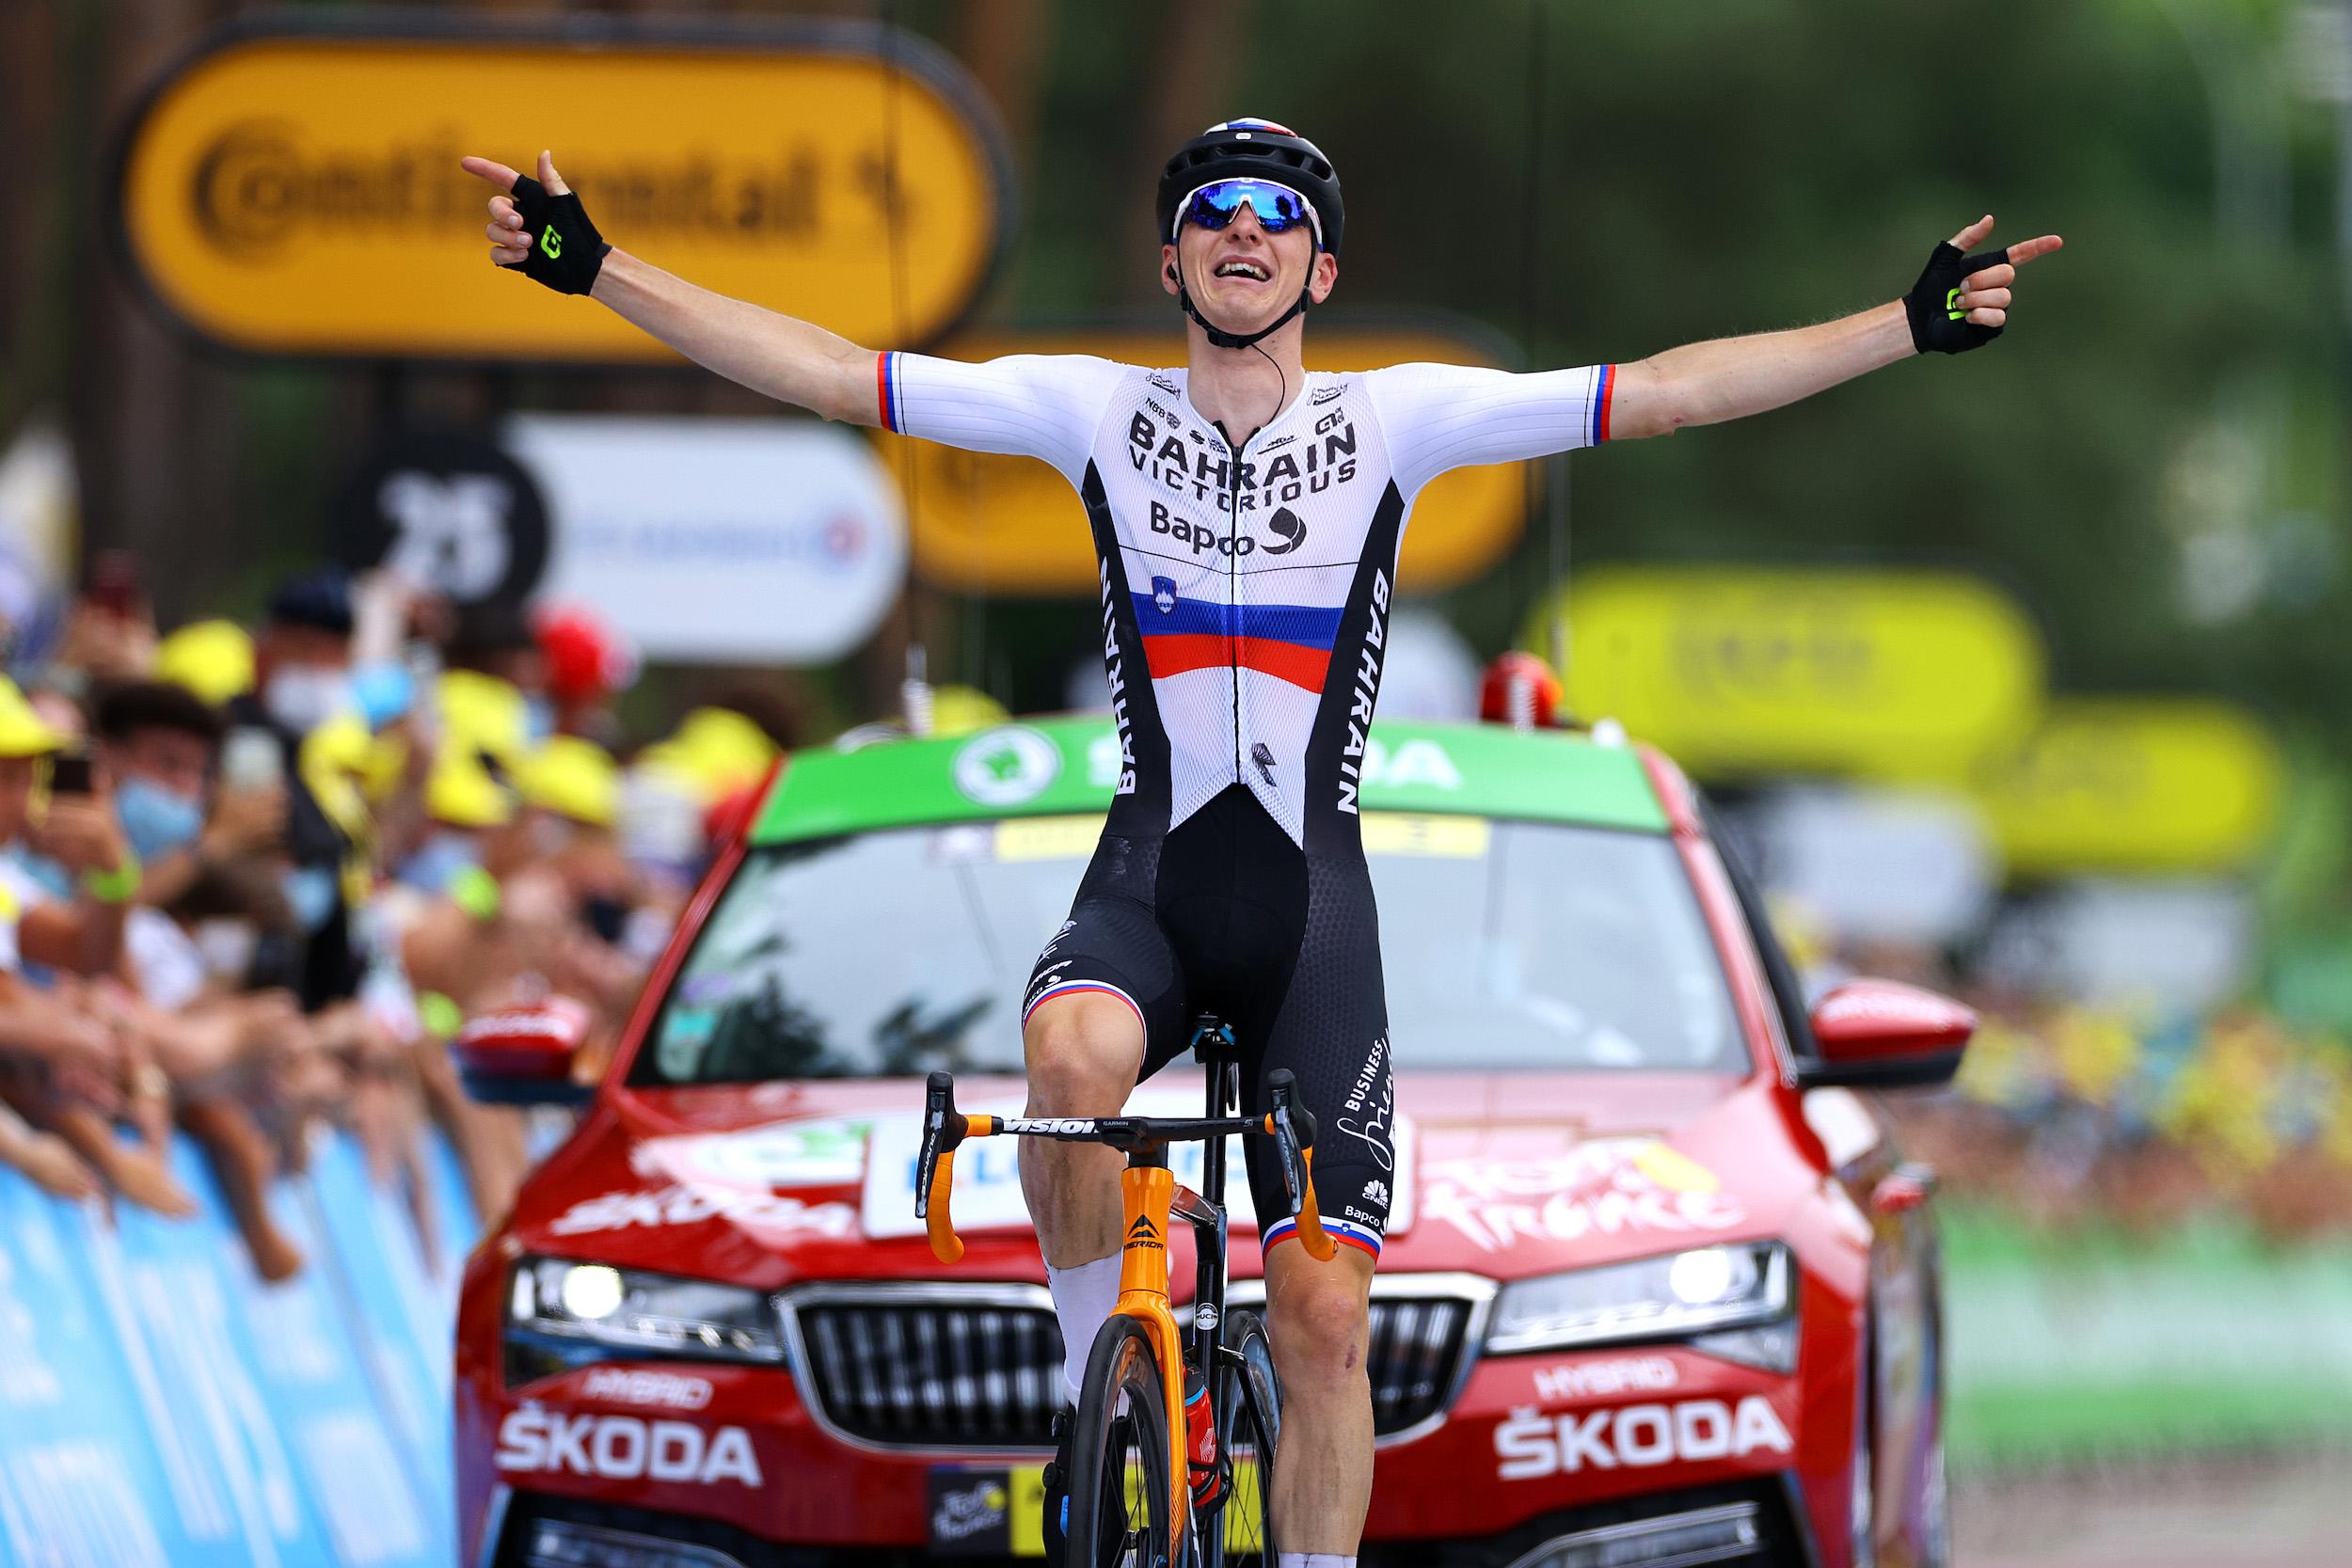 Matej Mohorič wins stage seven of the Tour de France 2021